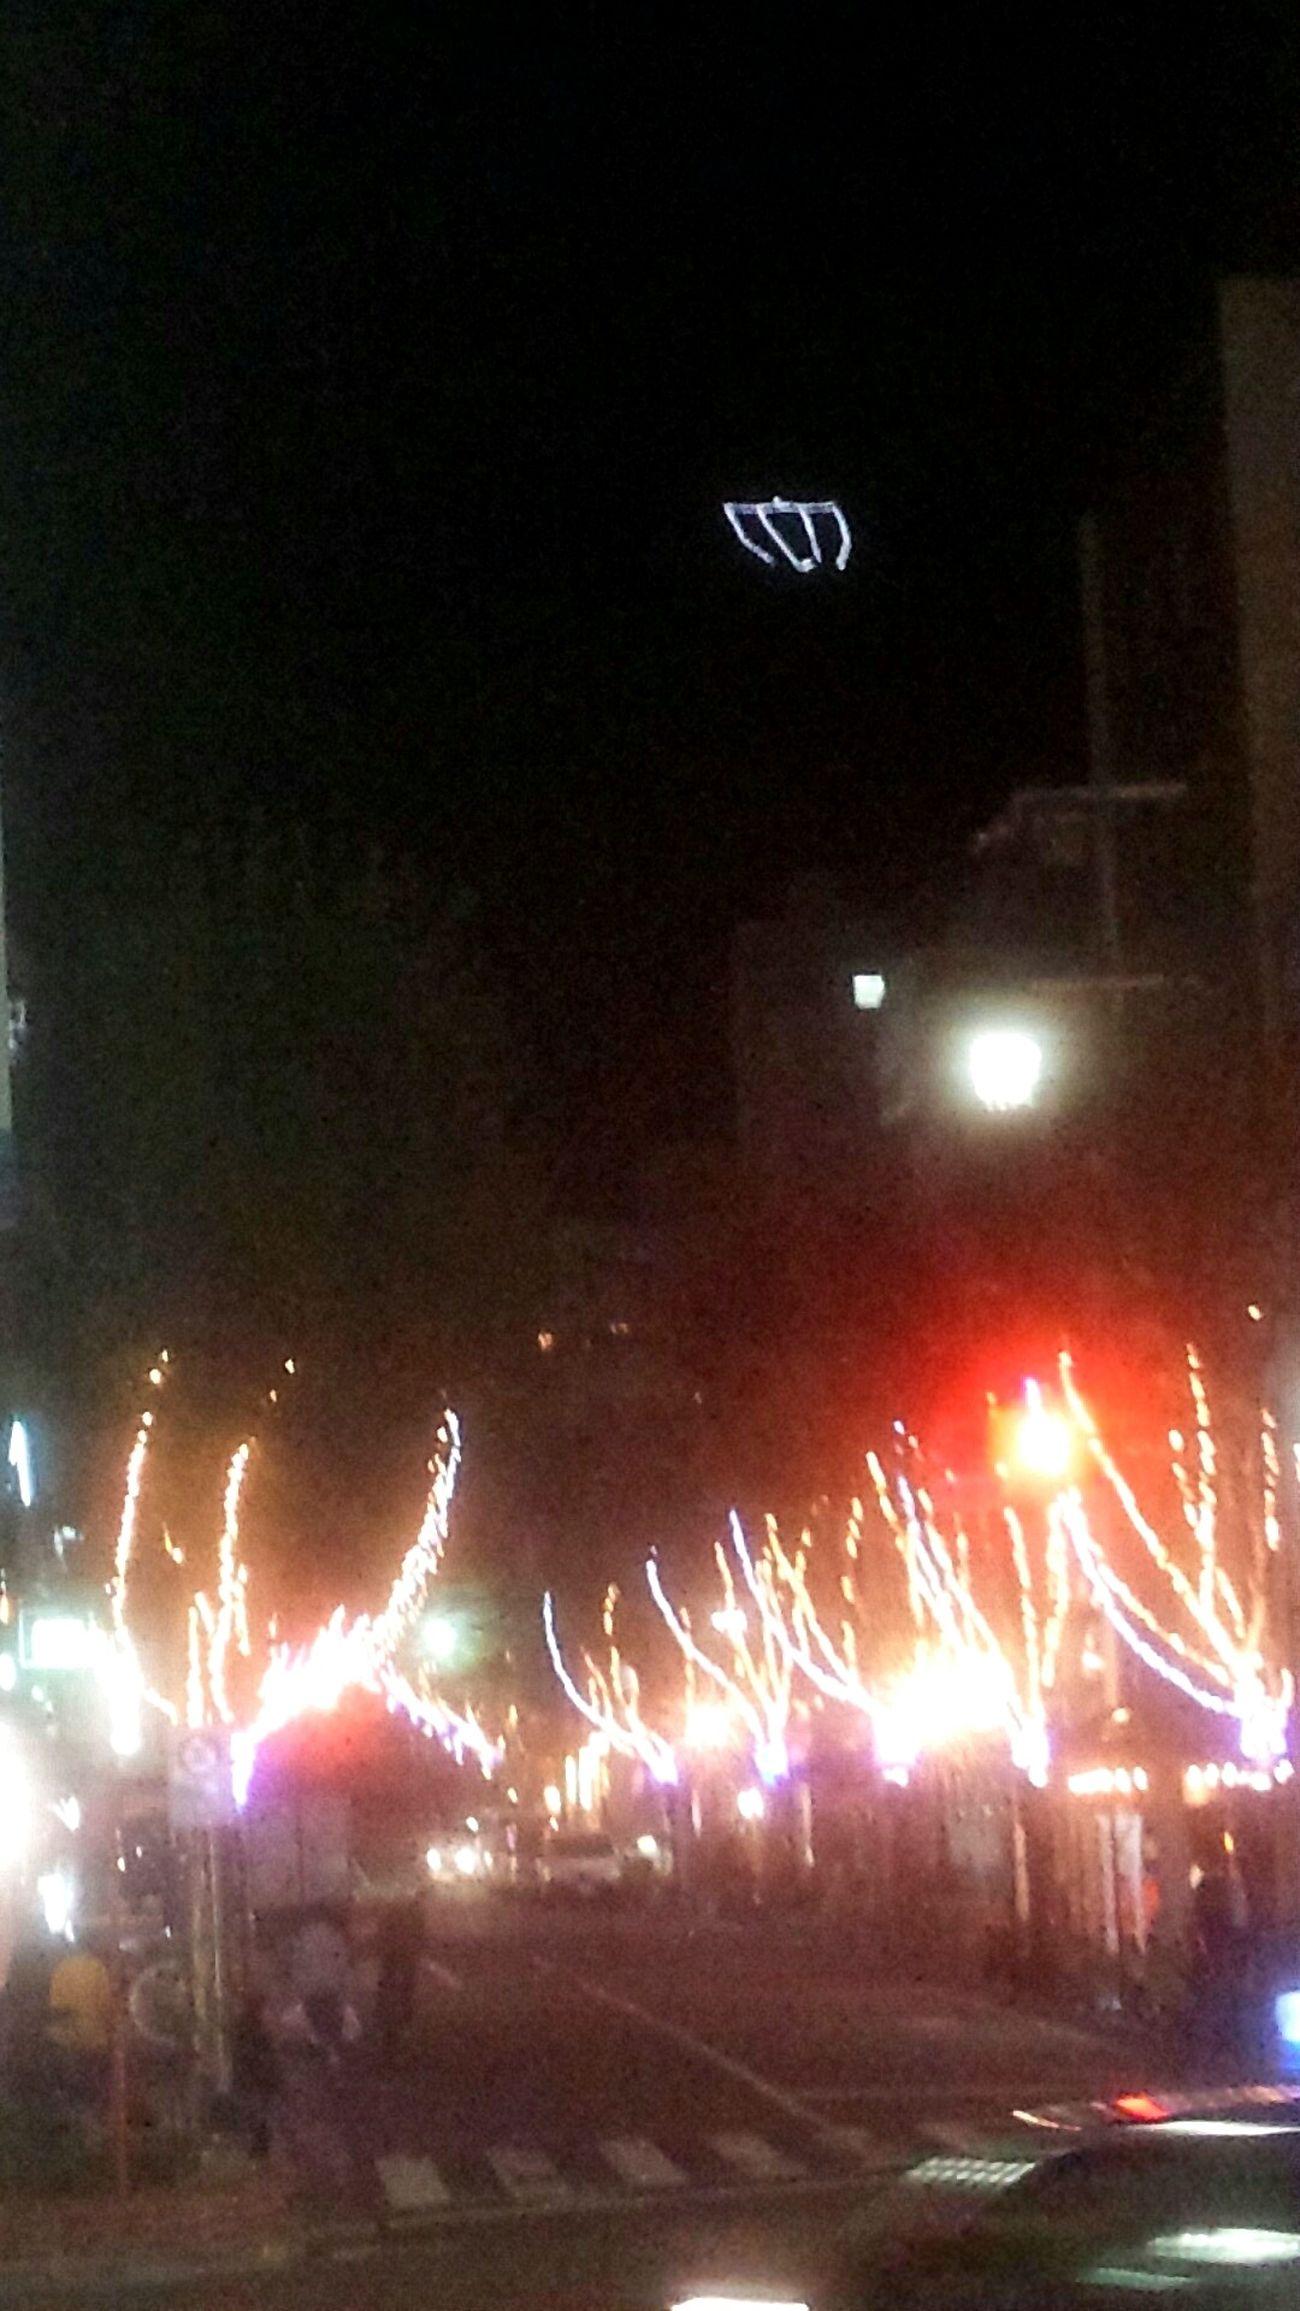 またまた北野坂!! 山のマーク?が変わっています。ぶれぶれやぁ⤵Taking Photos Streetphotography Nightphotography 北野坂